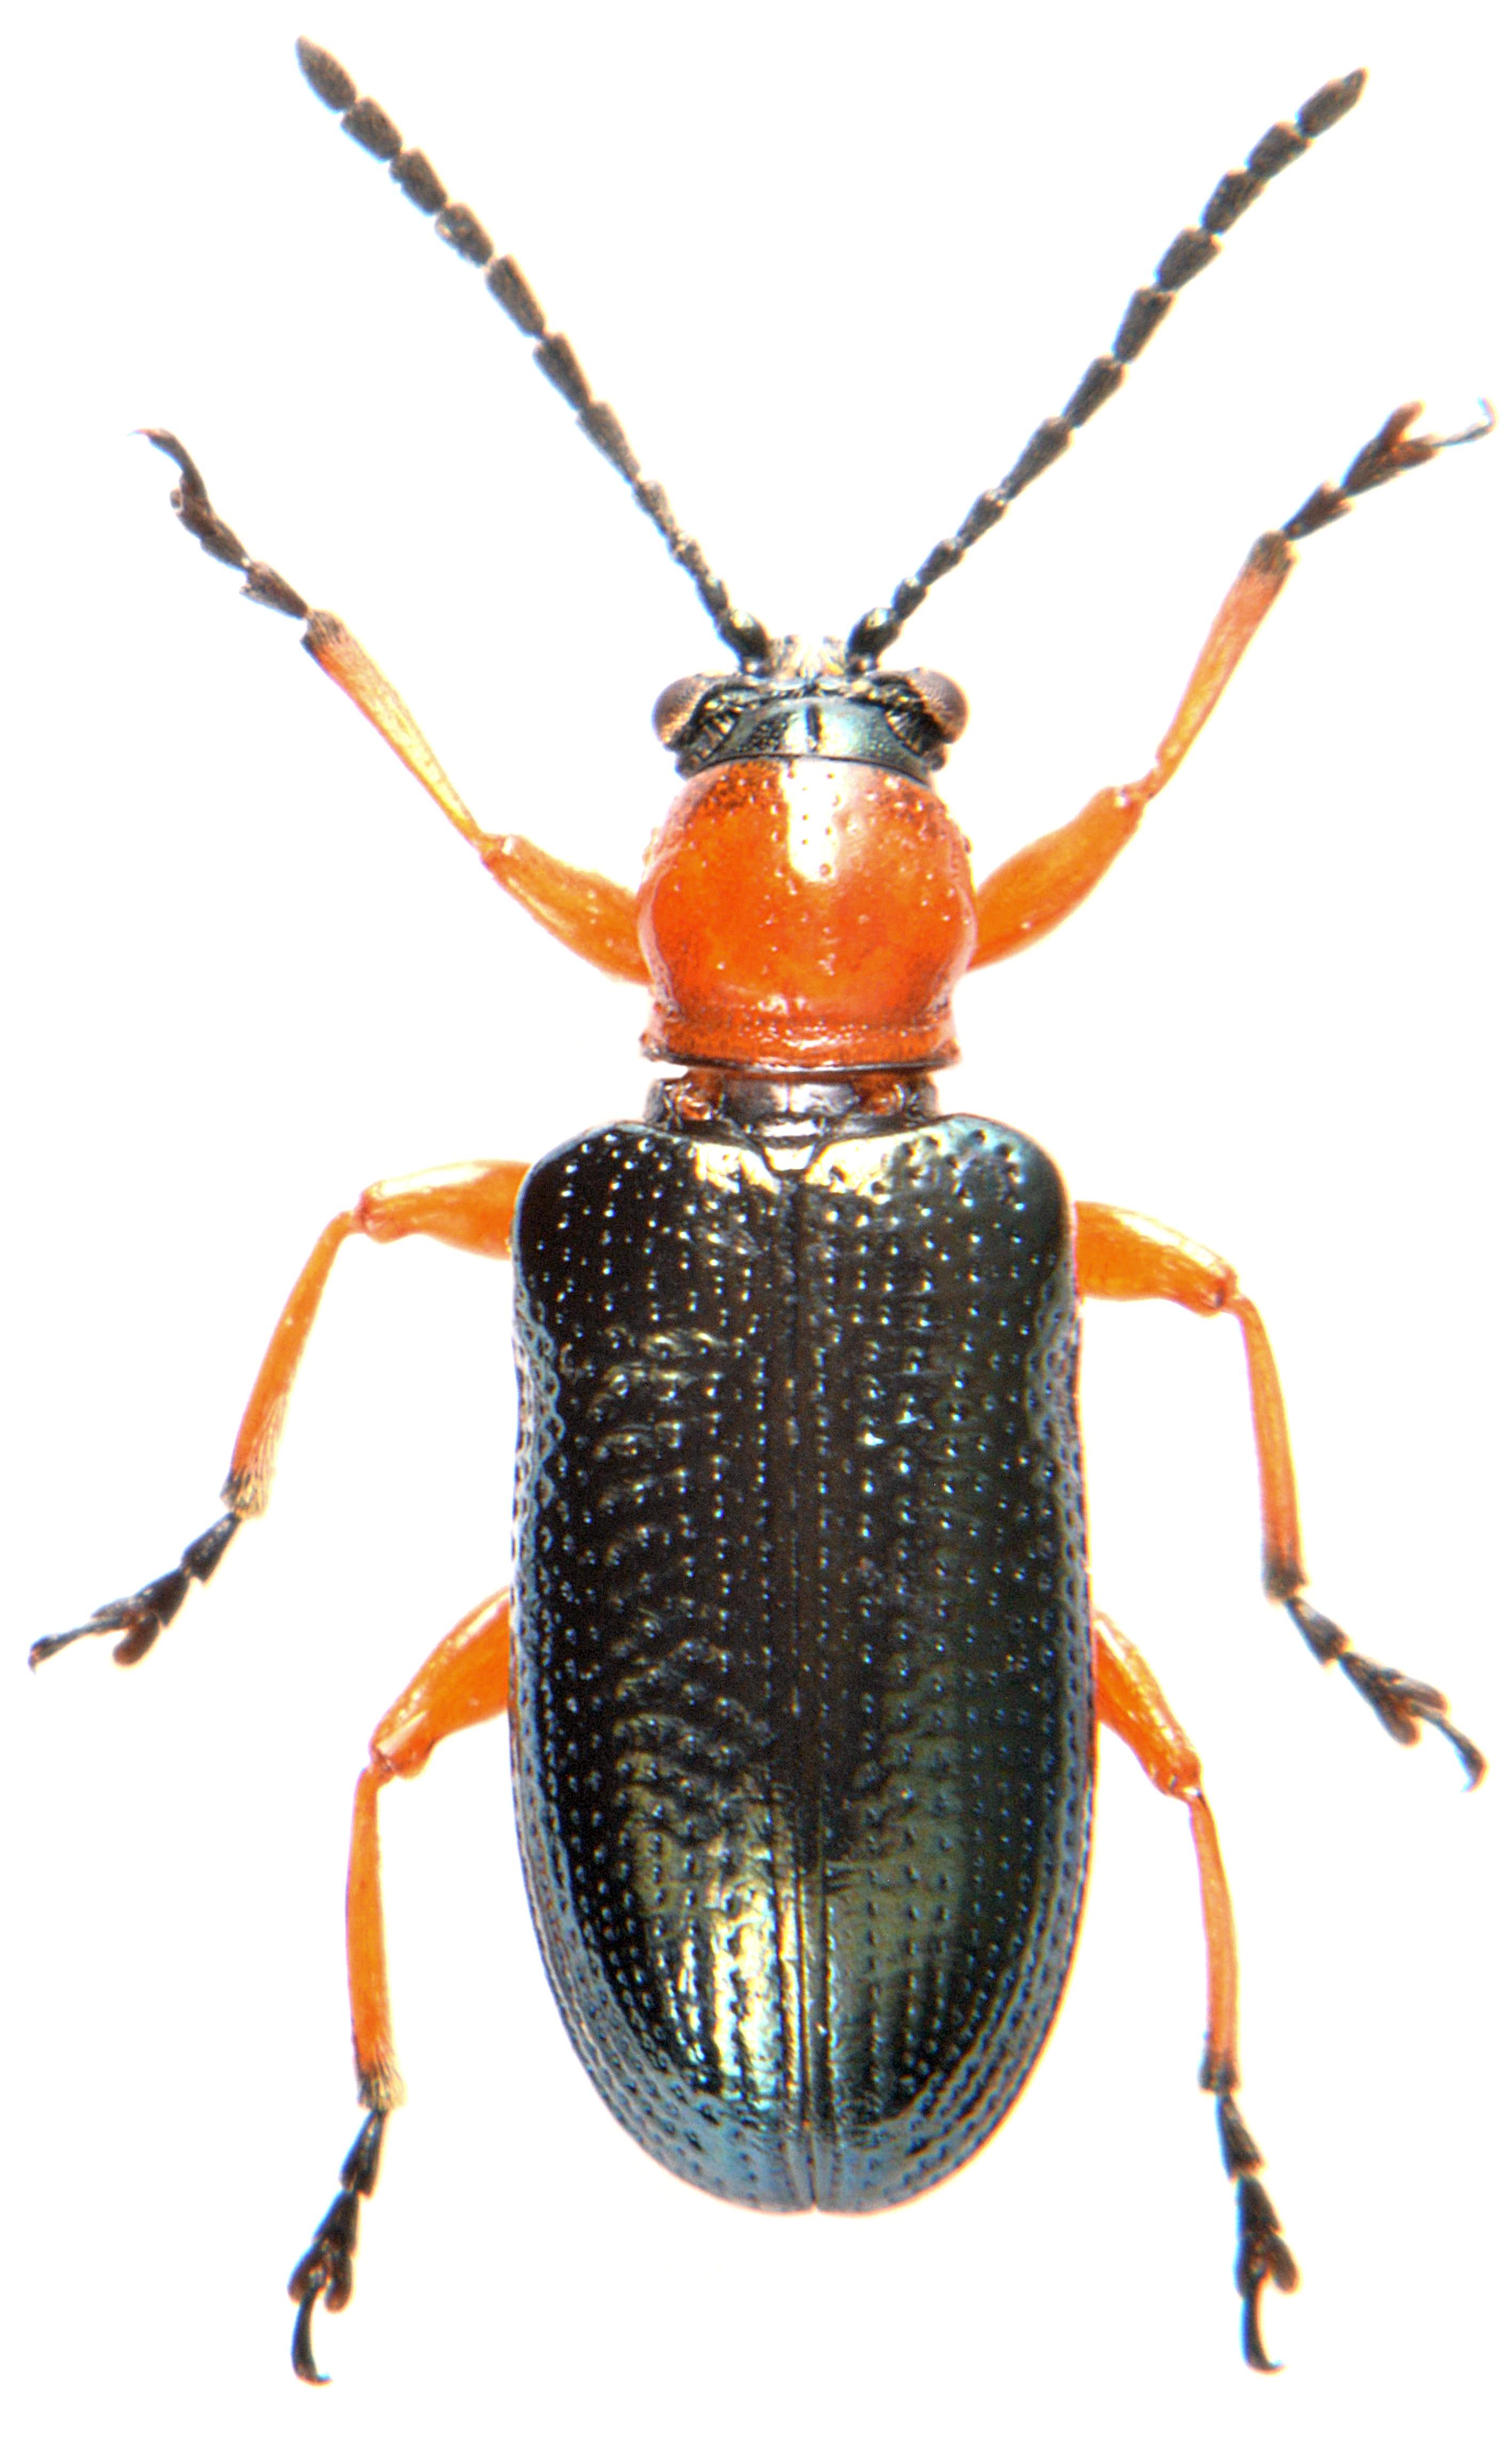 Oulema melanopus